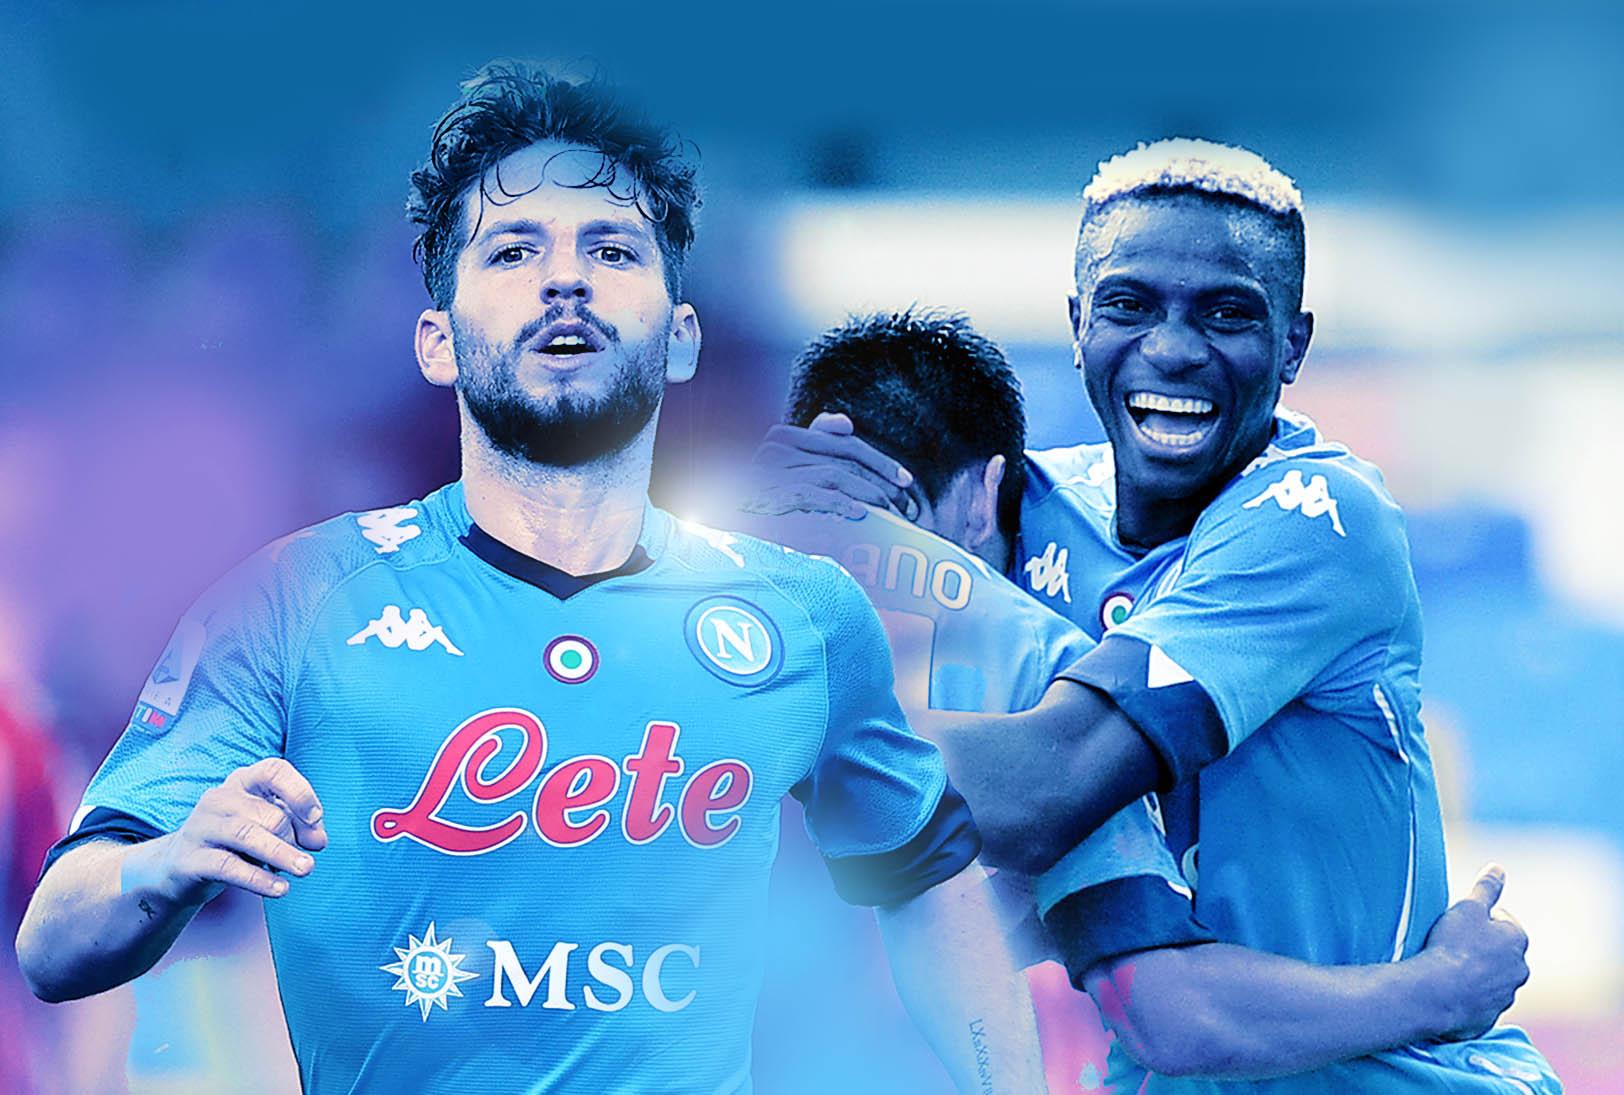 Le promo per giocare sul match del Napoli